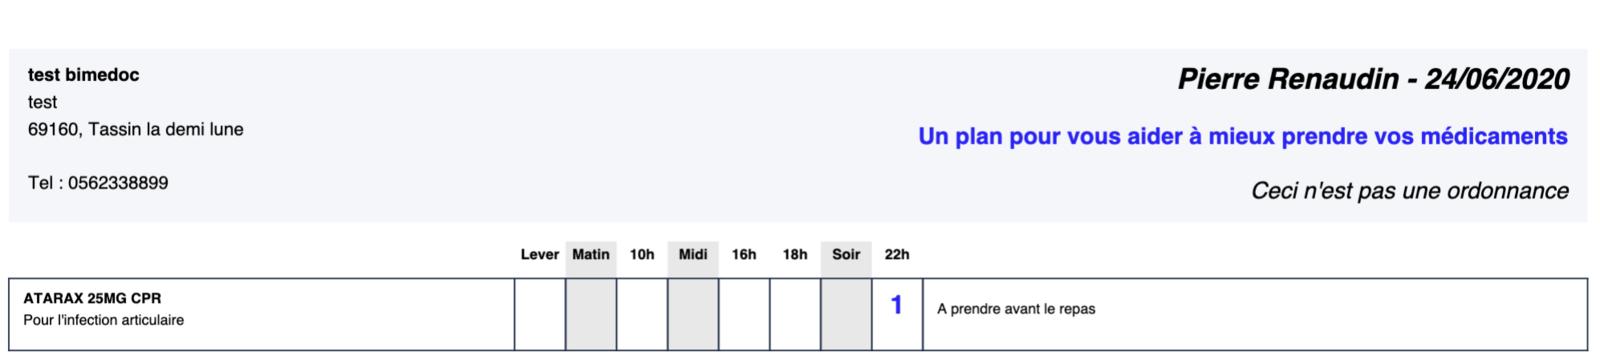 Exemple du plan de prise avec le conseil et l'indication pour la Rifampicine